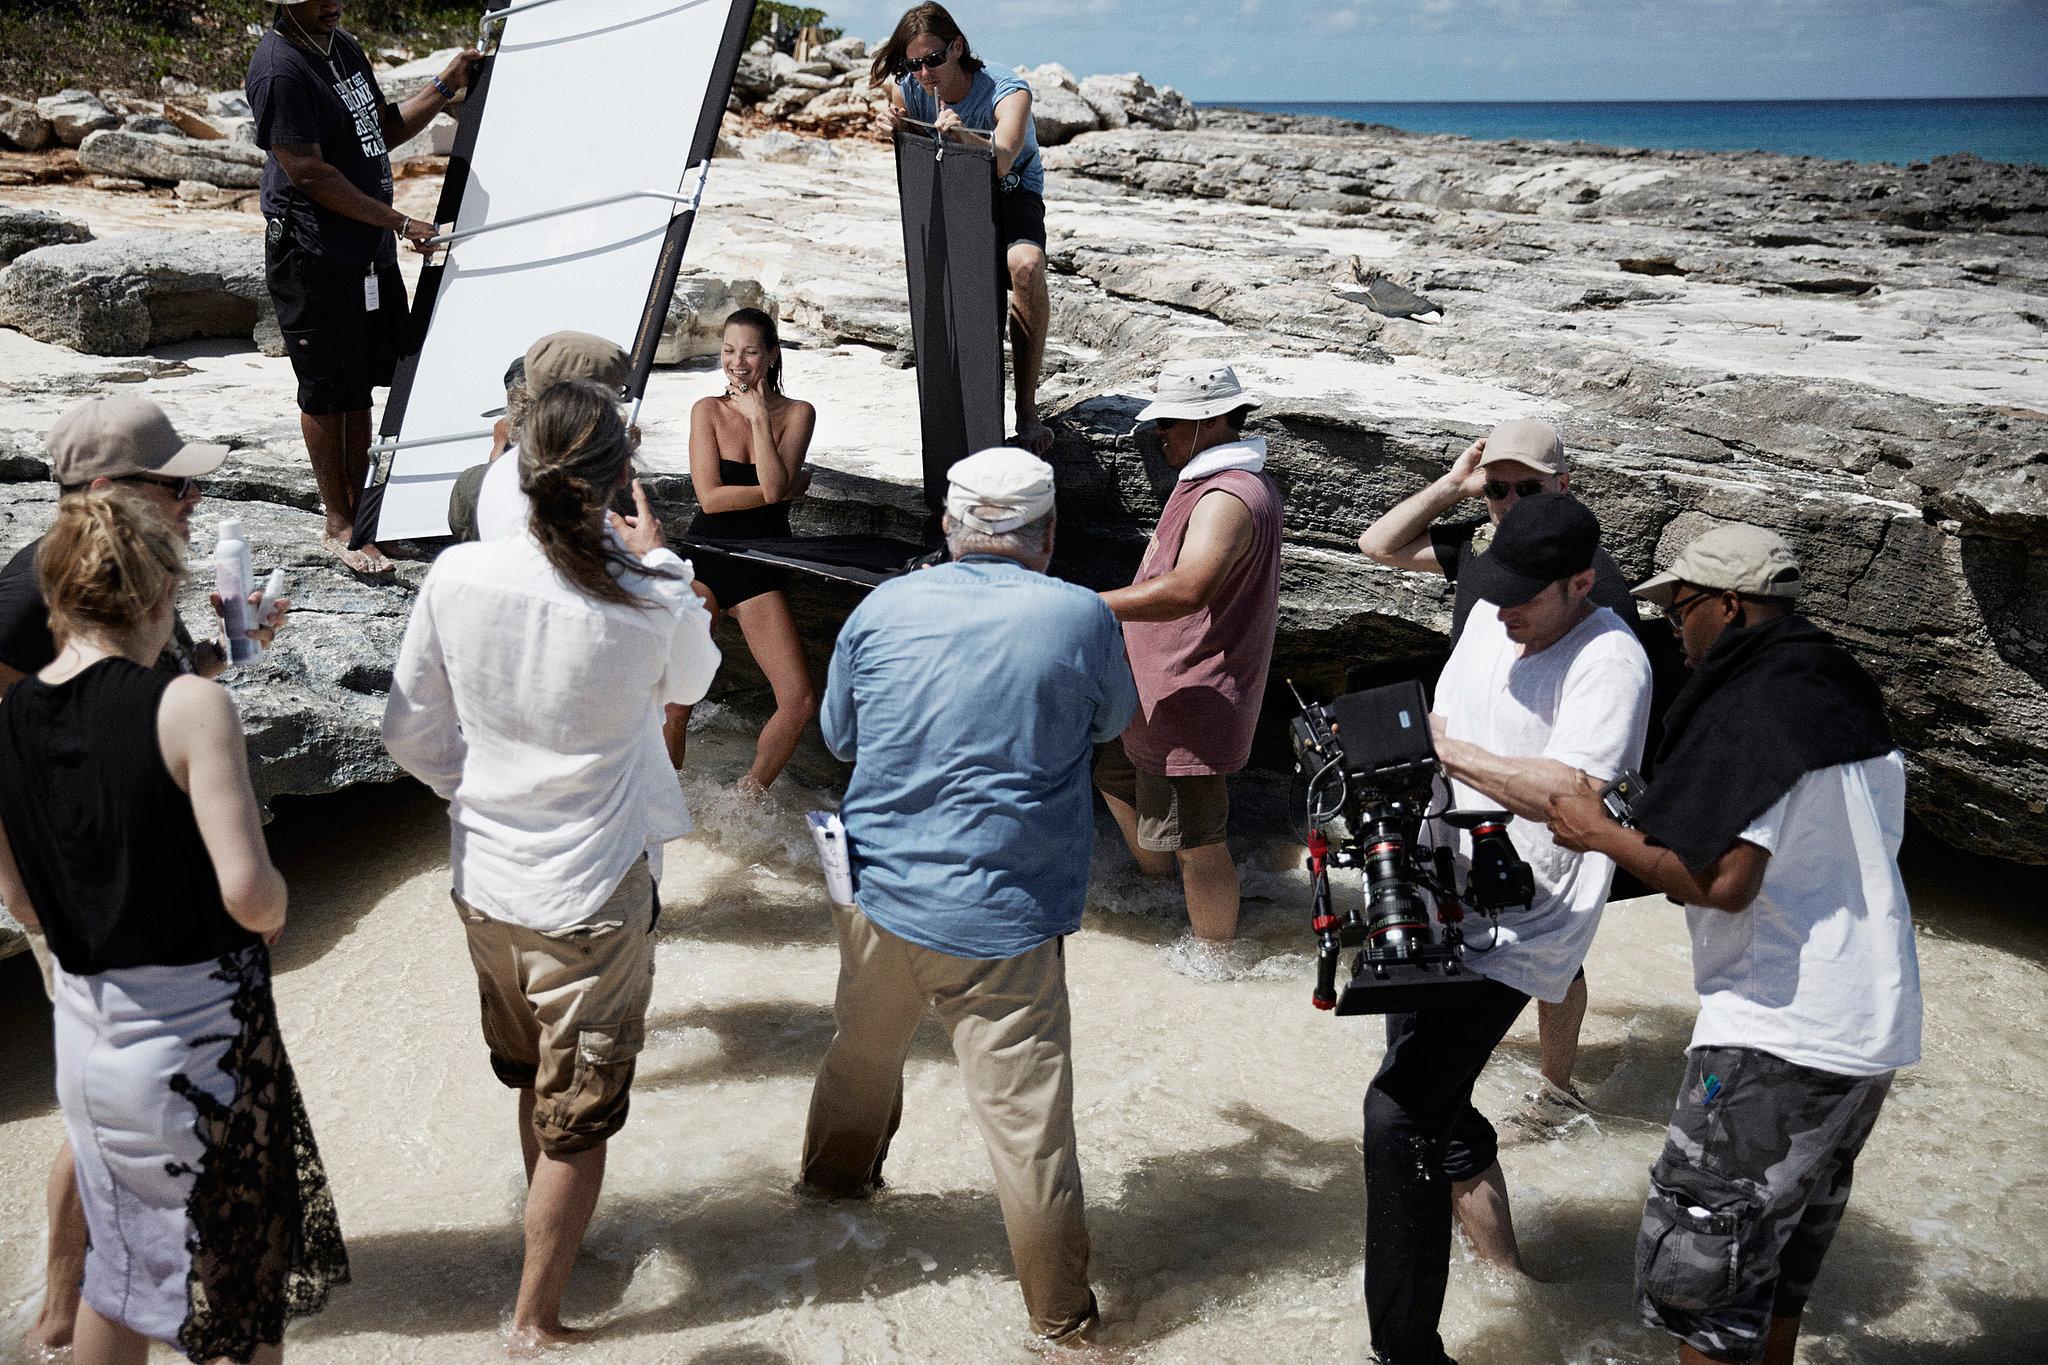 Behind the Scenes at Kate Moss's David Yurman Photo Shoot